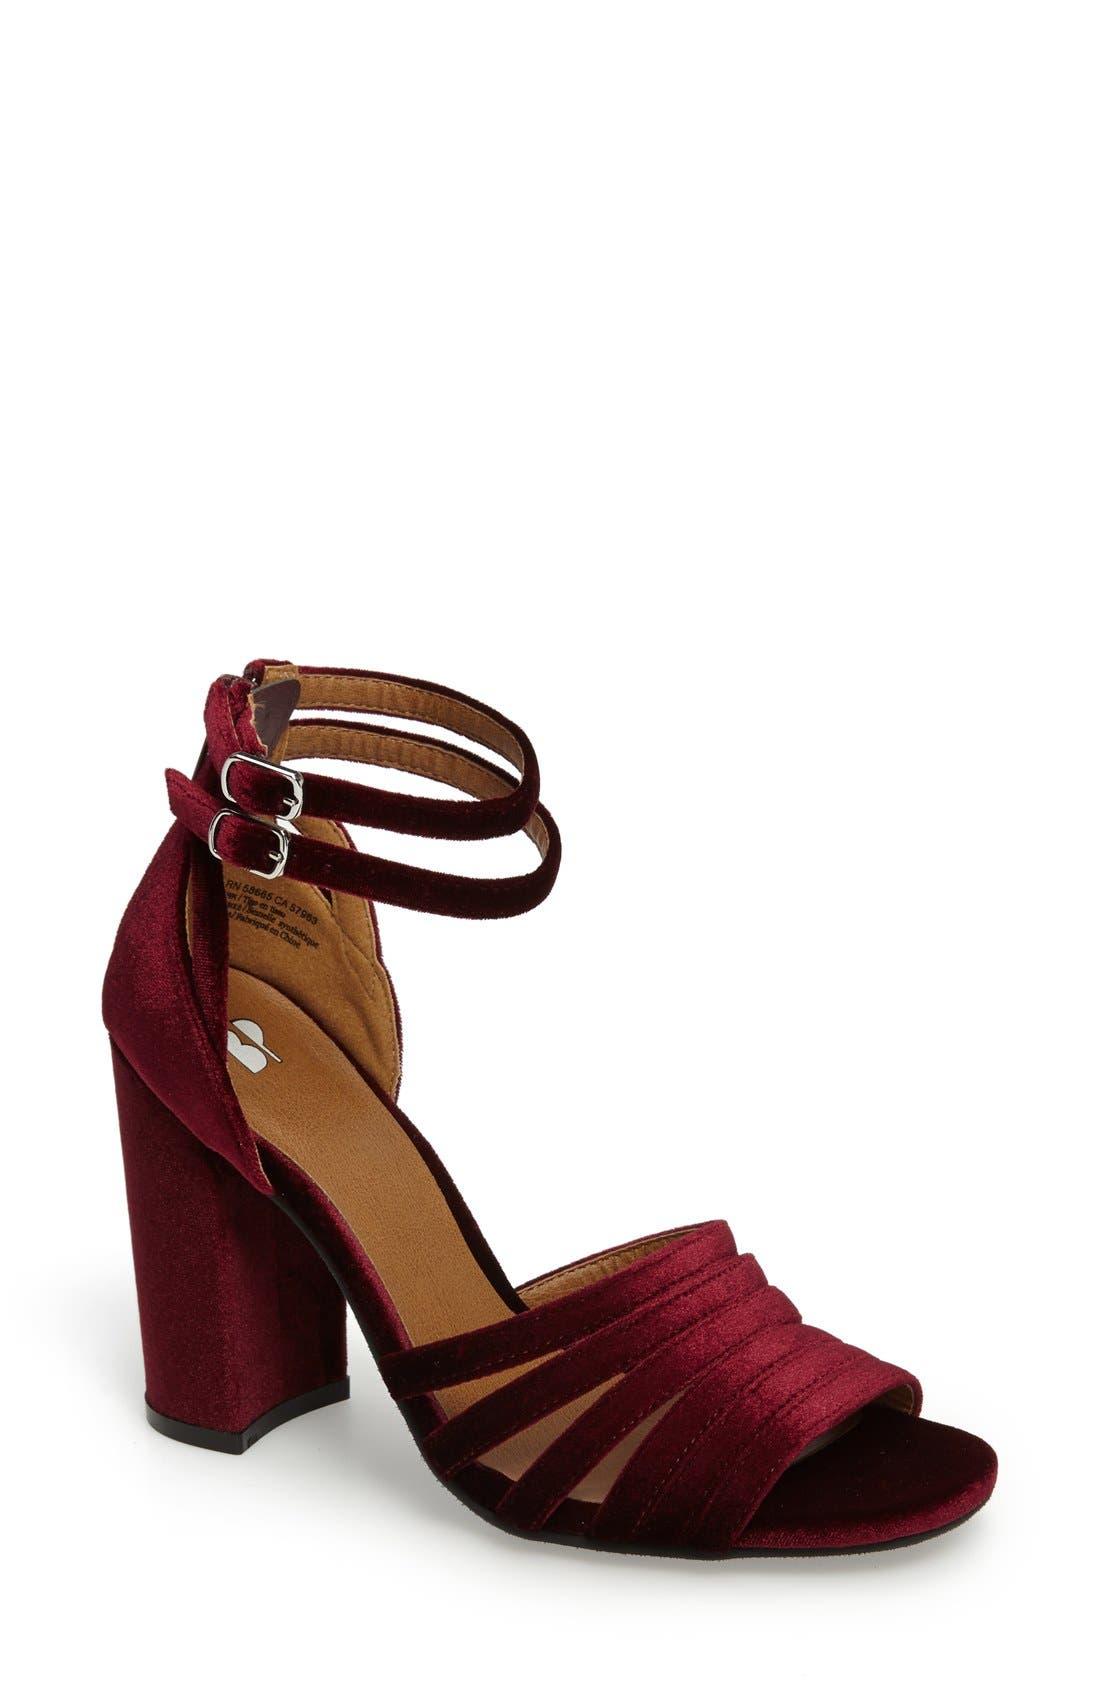 Alternate Image 1 Selected - BP. Gaby Ankle Strap Sandal (Women)